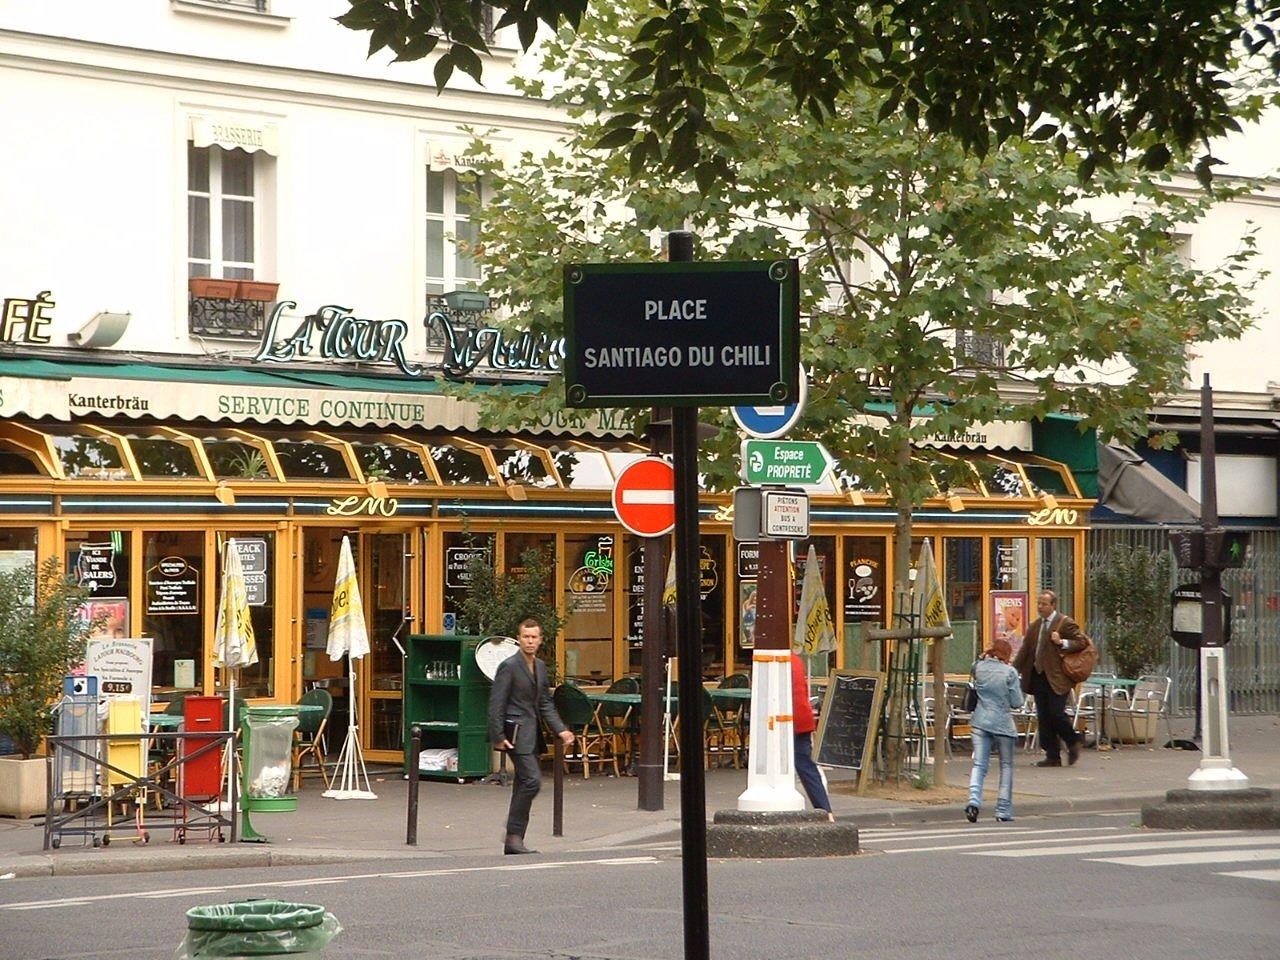 La tour maubourg paris tour eiffel invalides restaurant reviews phone - Tour maubourg restaurant ...